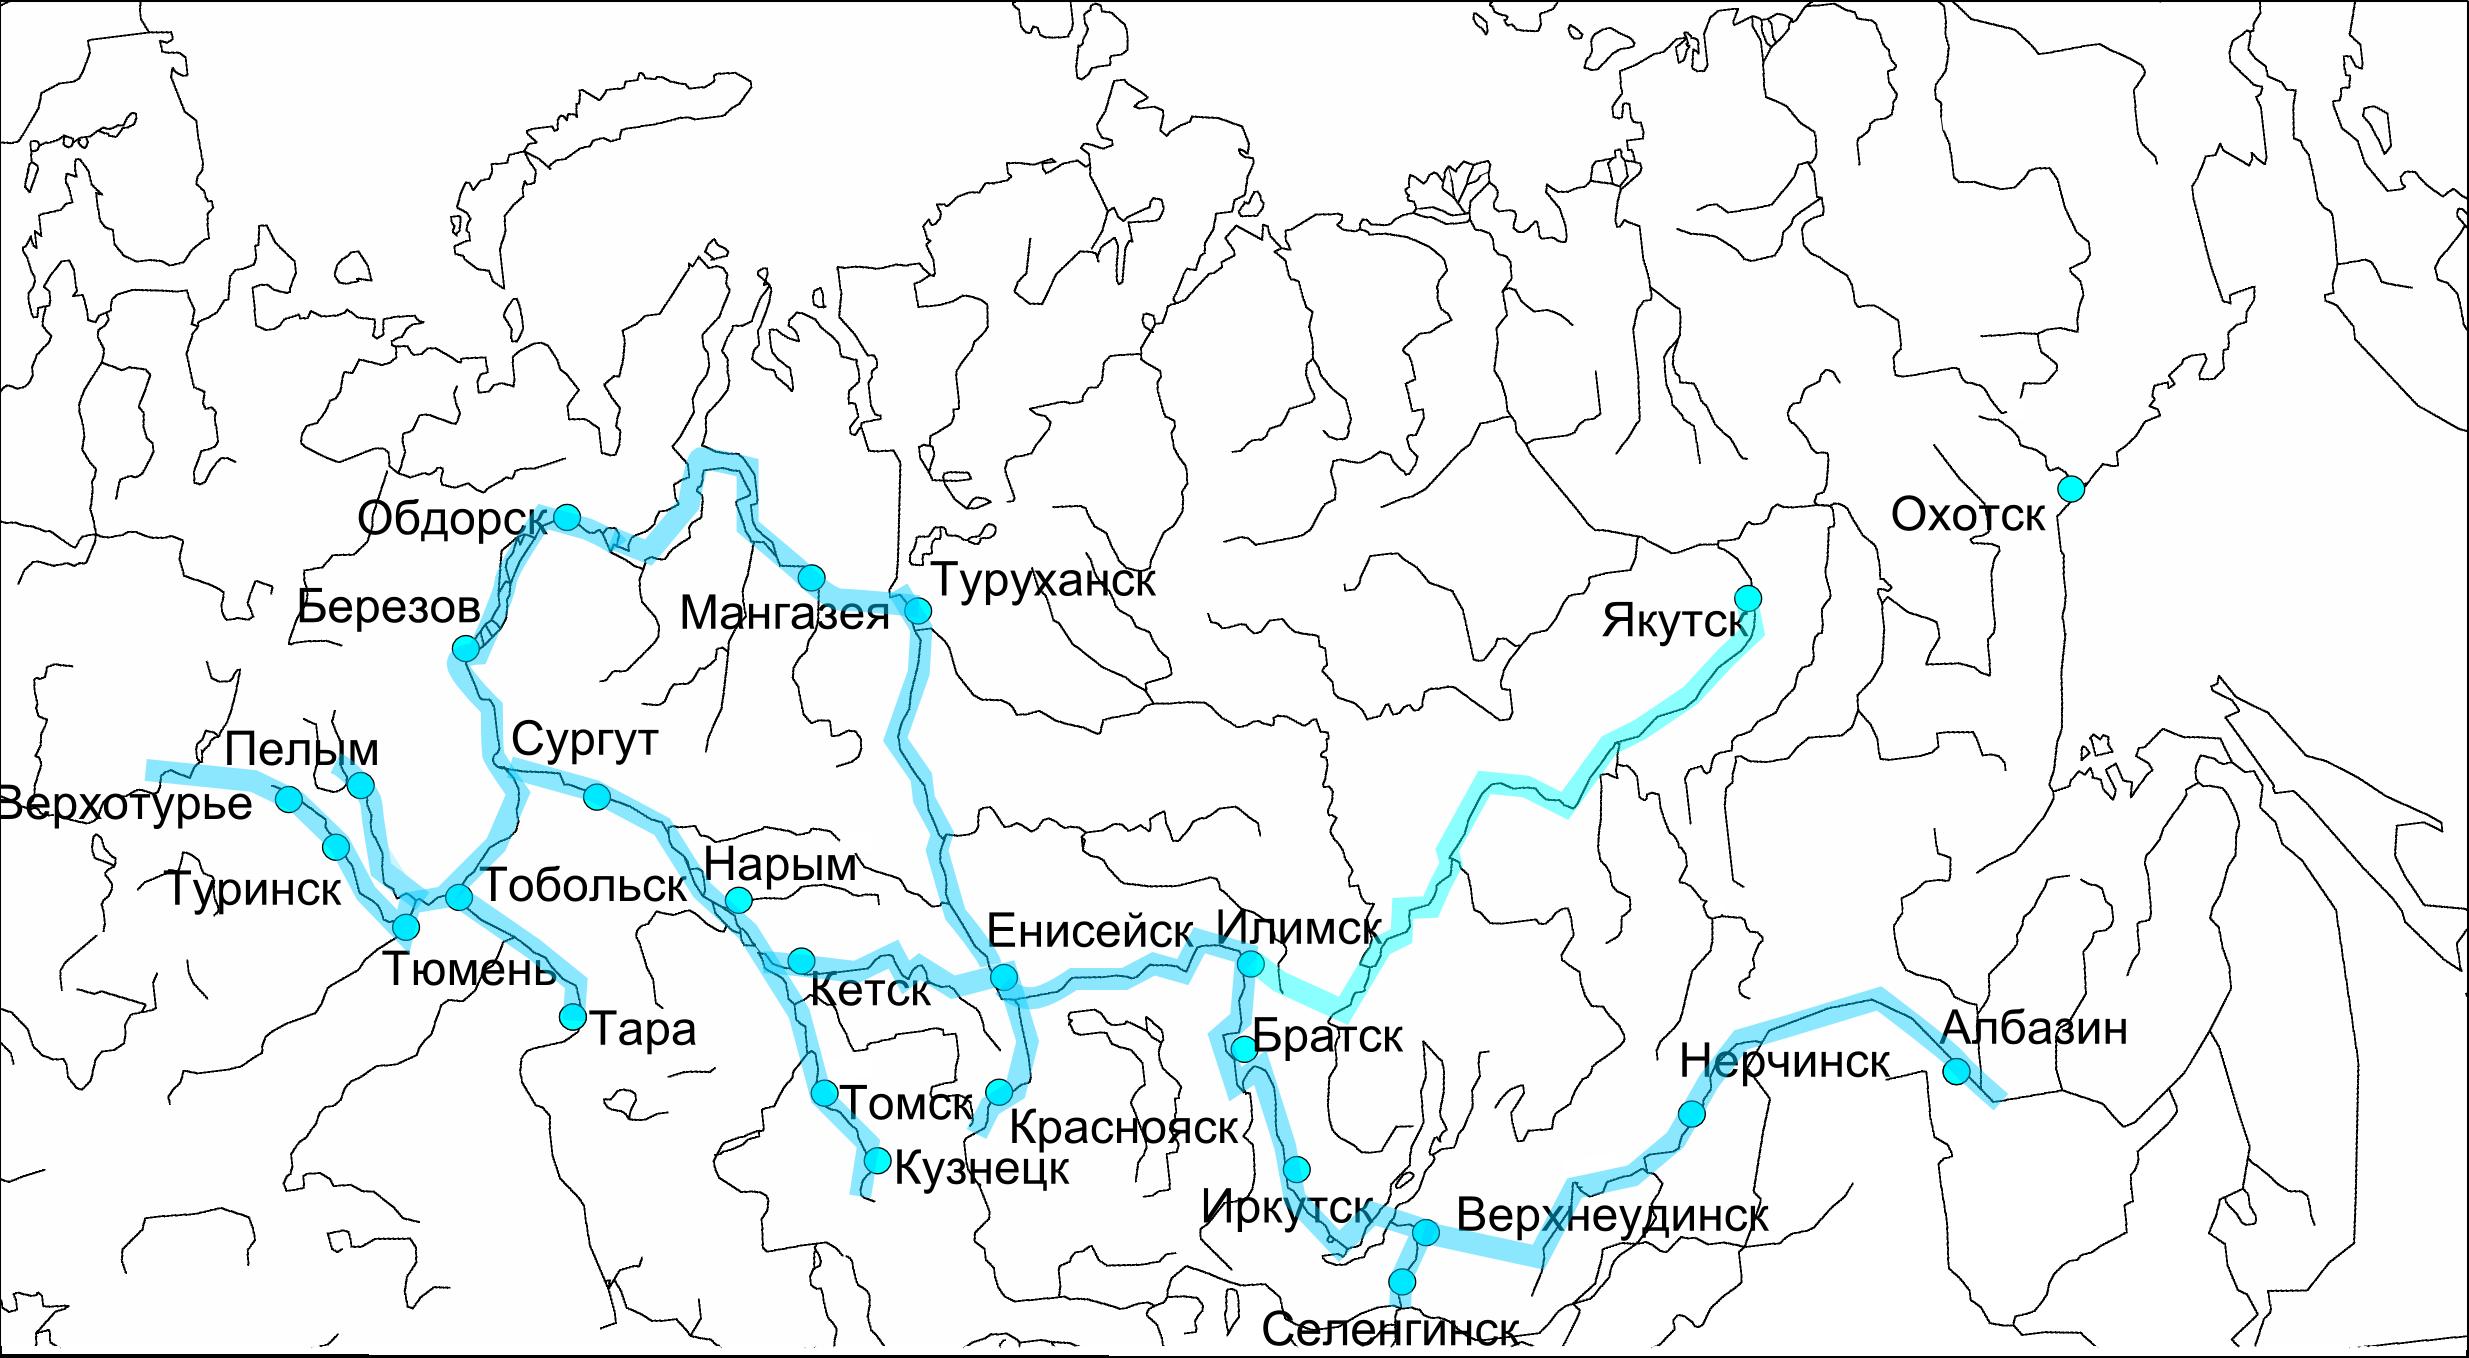 <i>Карта сети военных укреплений и основных судоходных рек к середине XVII века. РисунокИвана Соколовского</i>